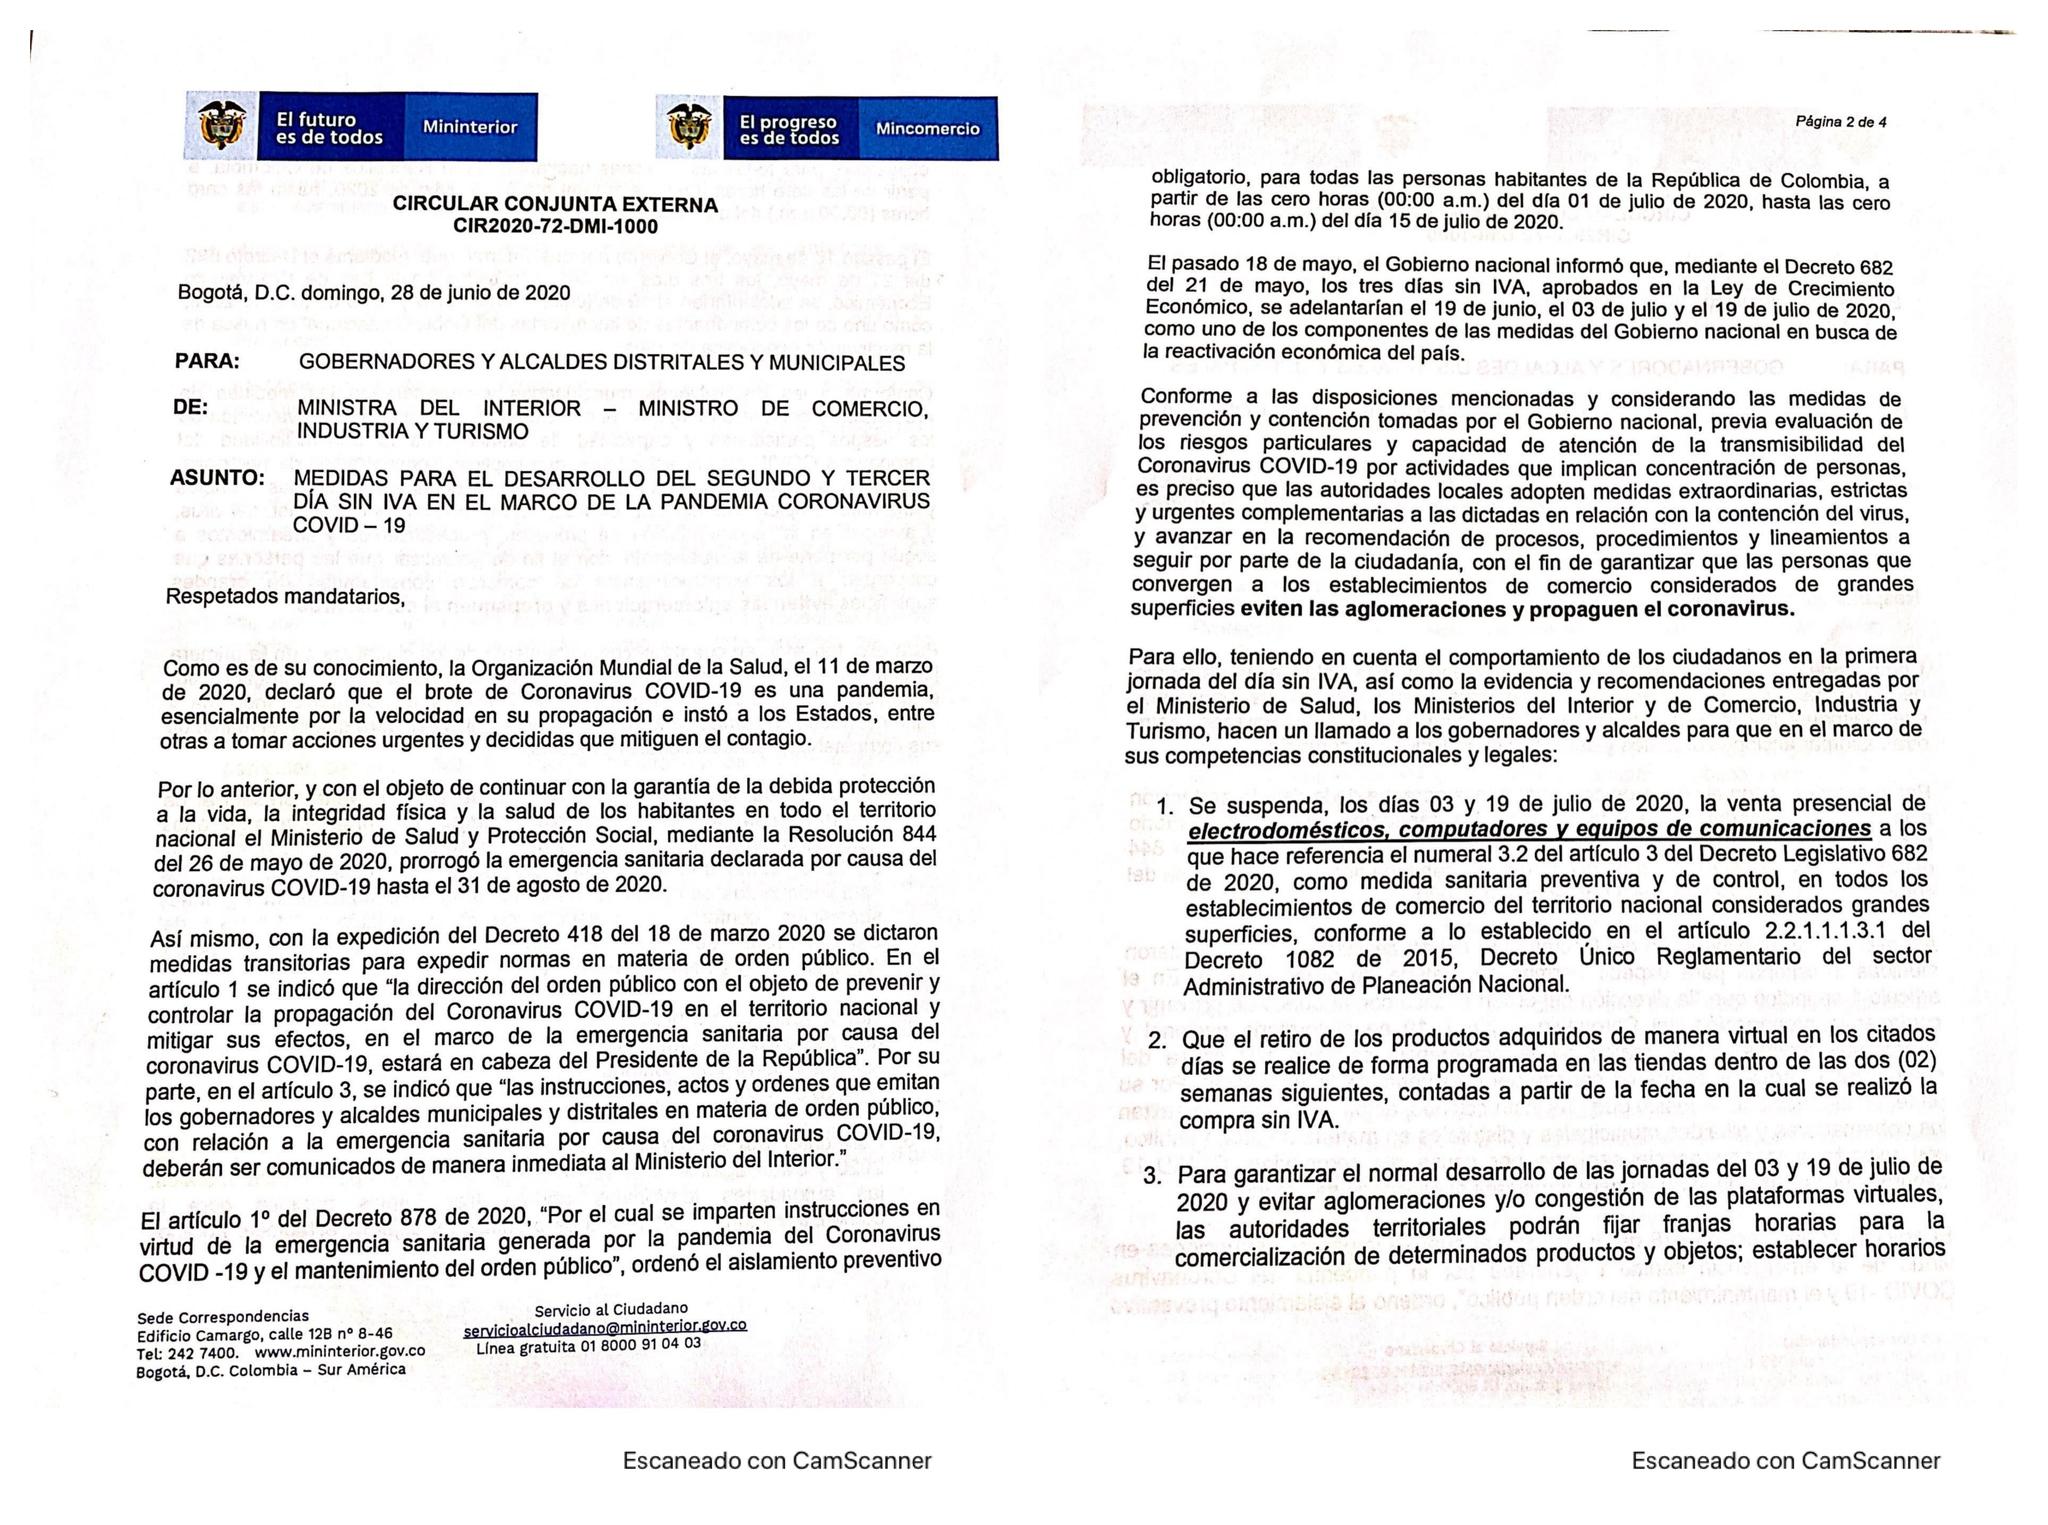 Coronavirus en Colombia 30 de junio: Resumen de contagios, muertes y últimas noticias 13